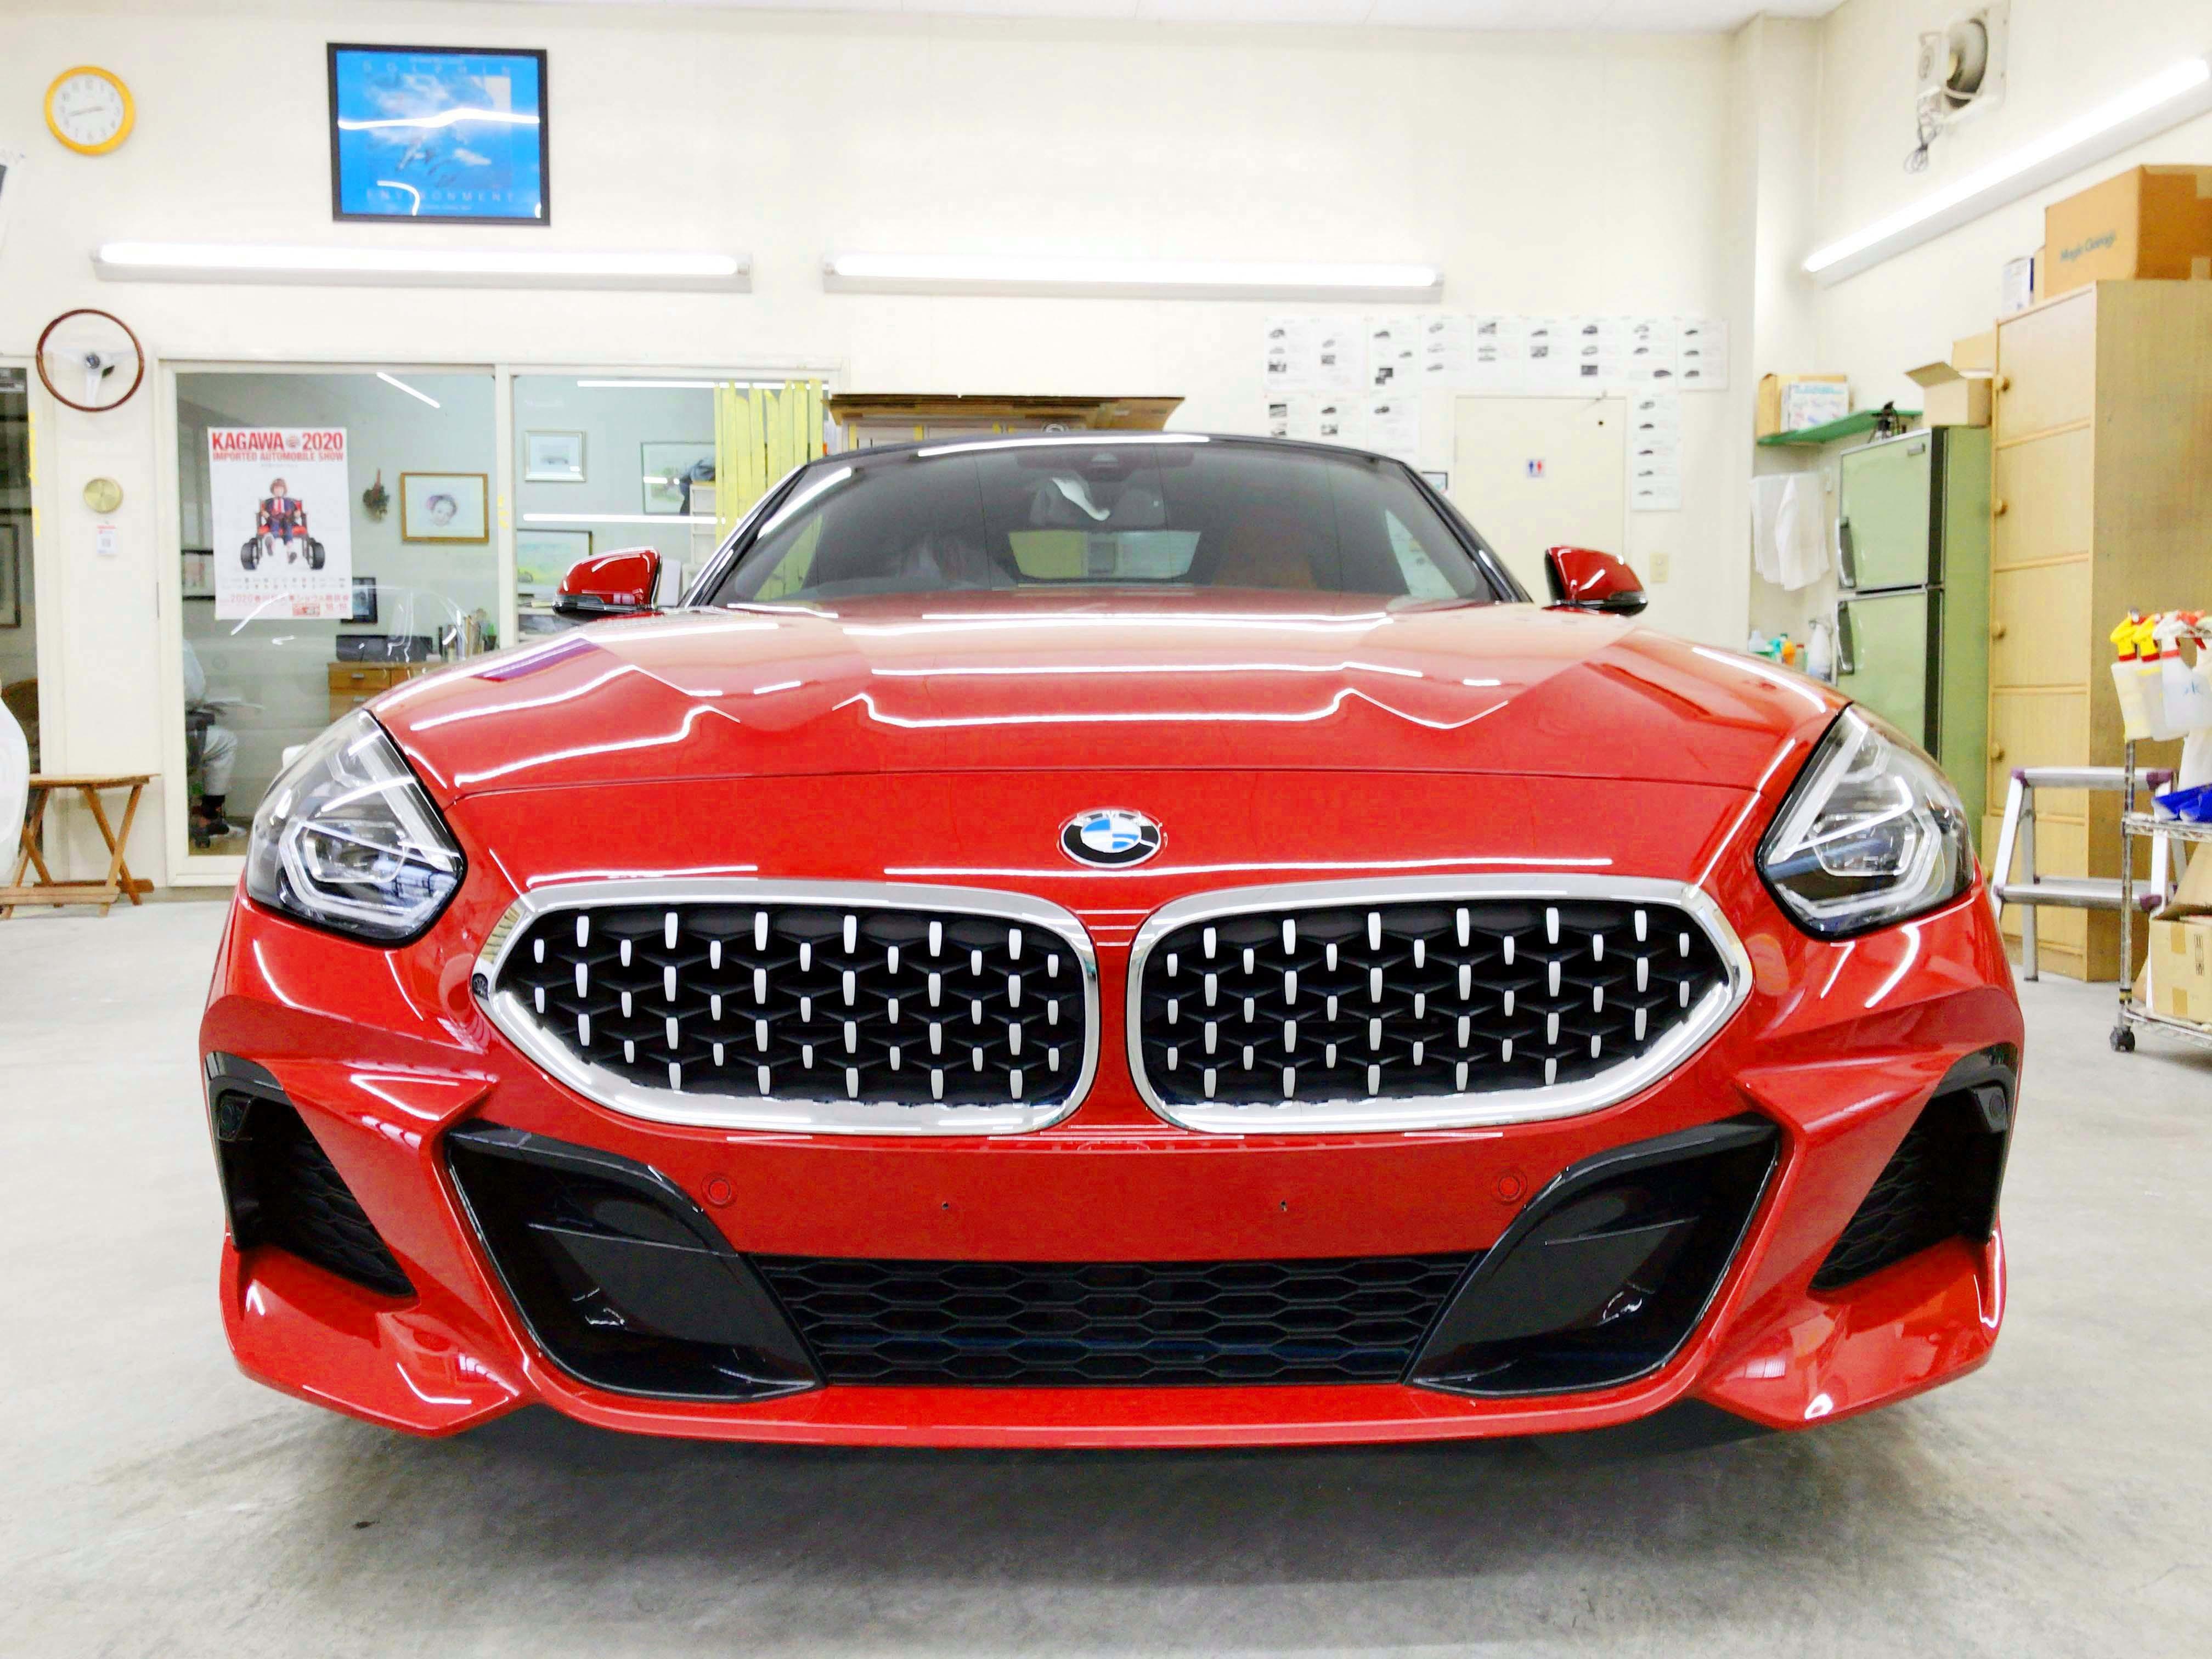 BMW Z4(G29)@スーパークリスタルガイア 01